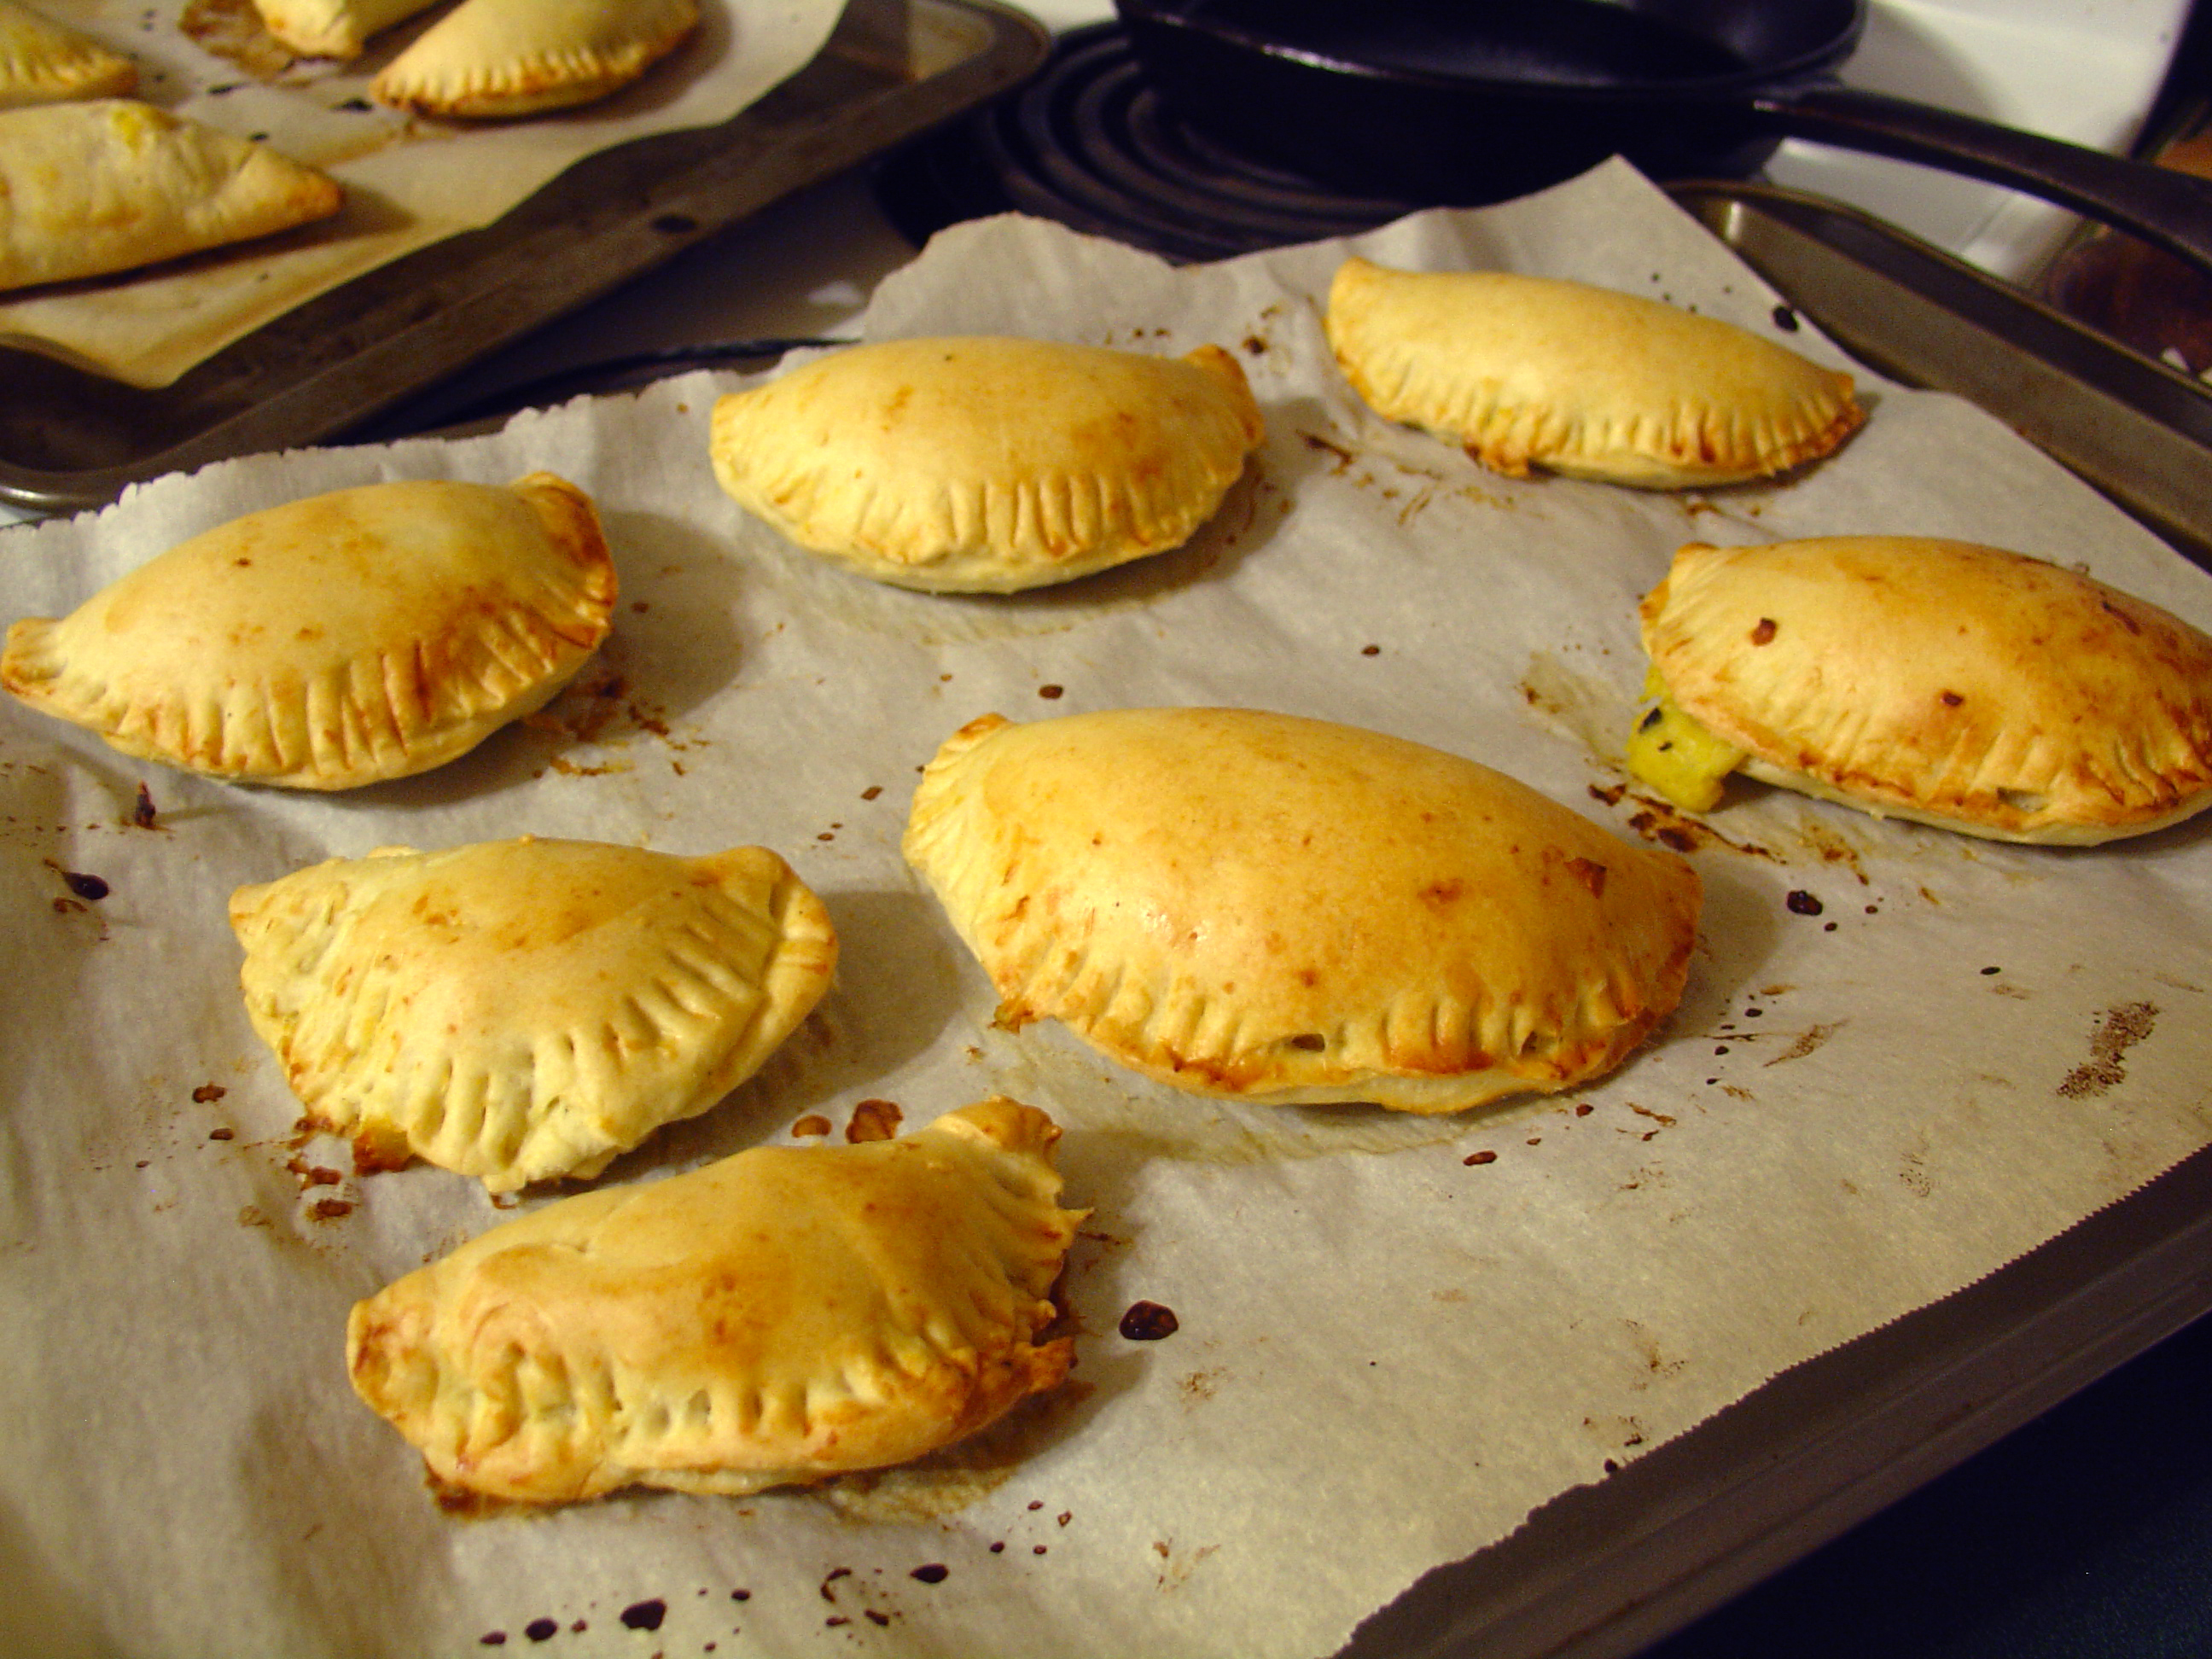 Potato And Corn Empanadas With Aji Recipes — Dishmaps